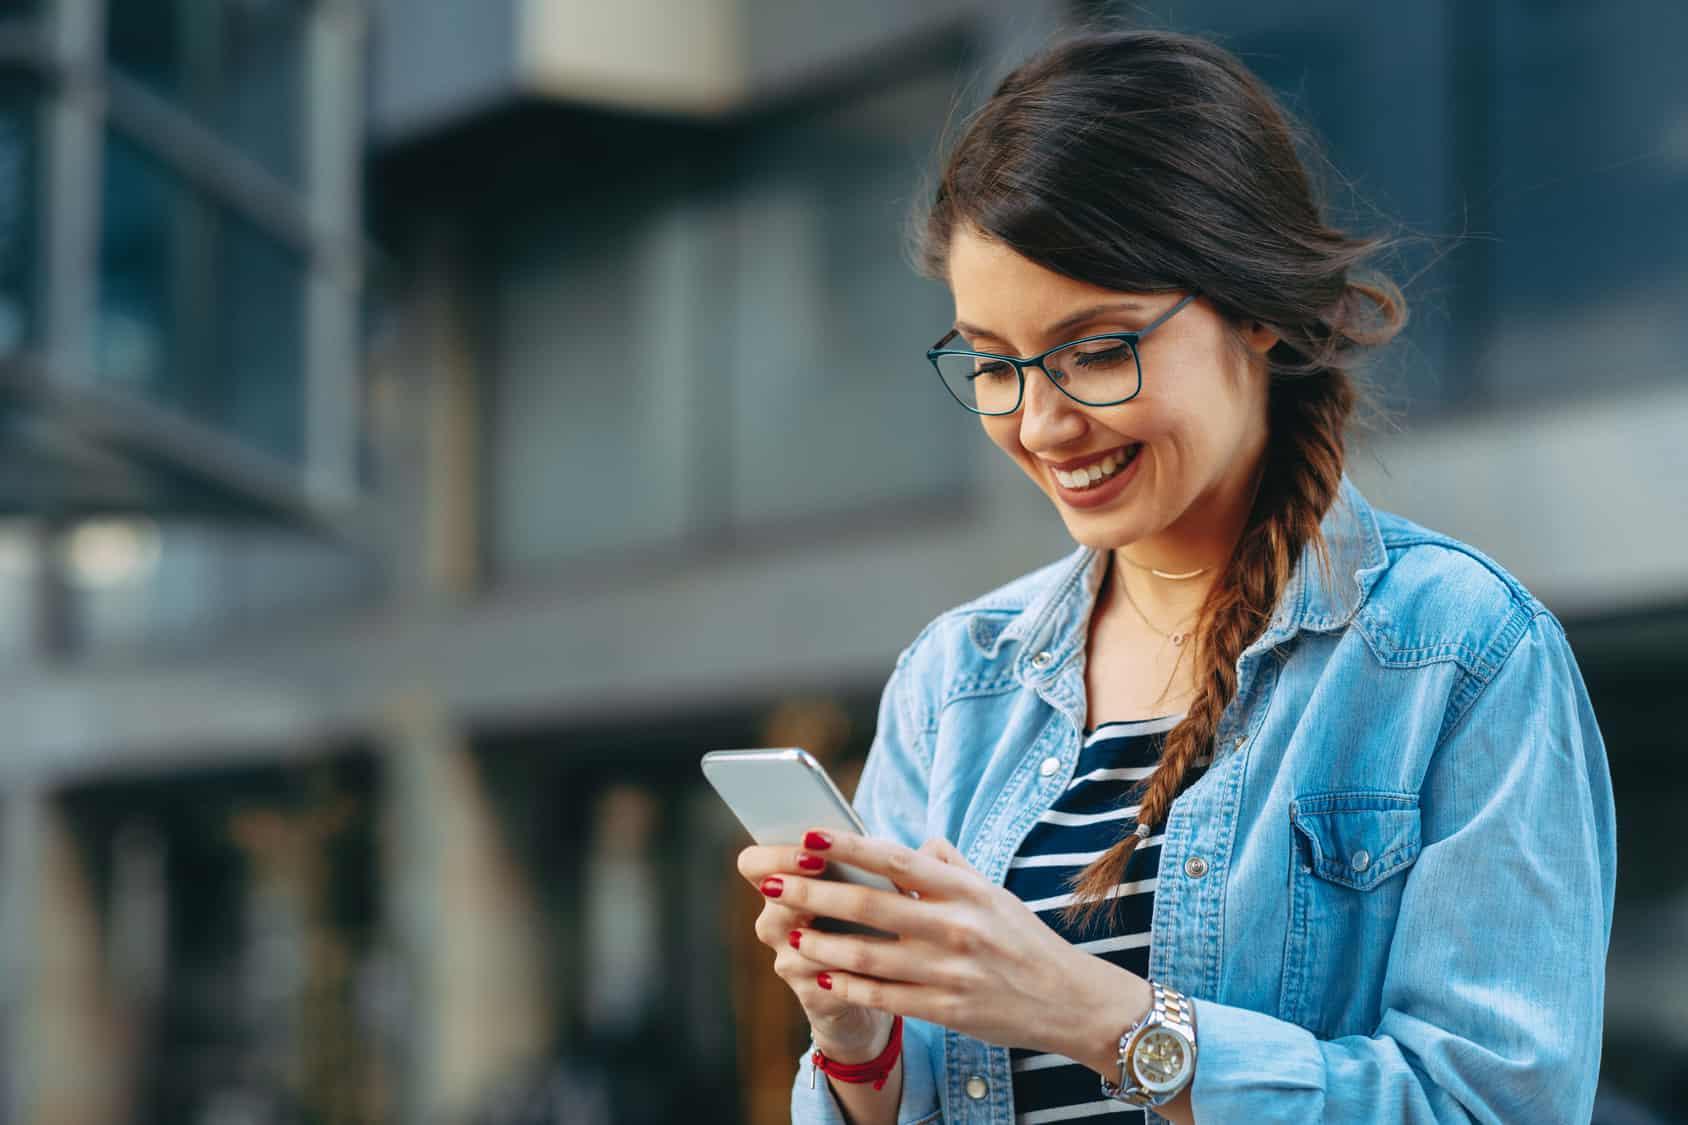 En fechas como esta, la mayoría de las personas ha adquirido un nuevo celular y sin darse cuenta no han ejercido losderechos de usuarioque tienen.